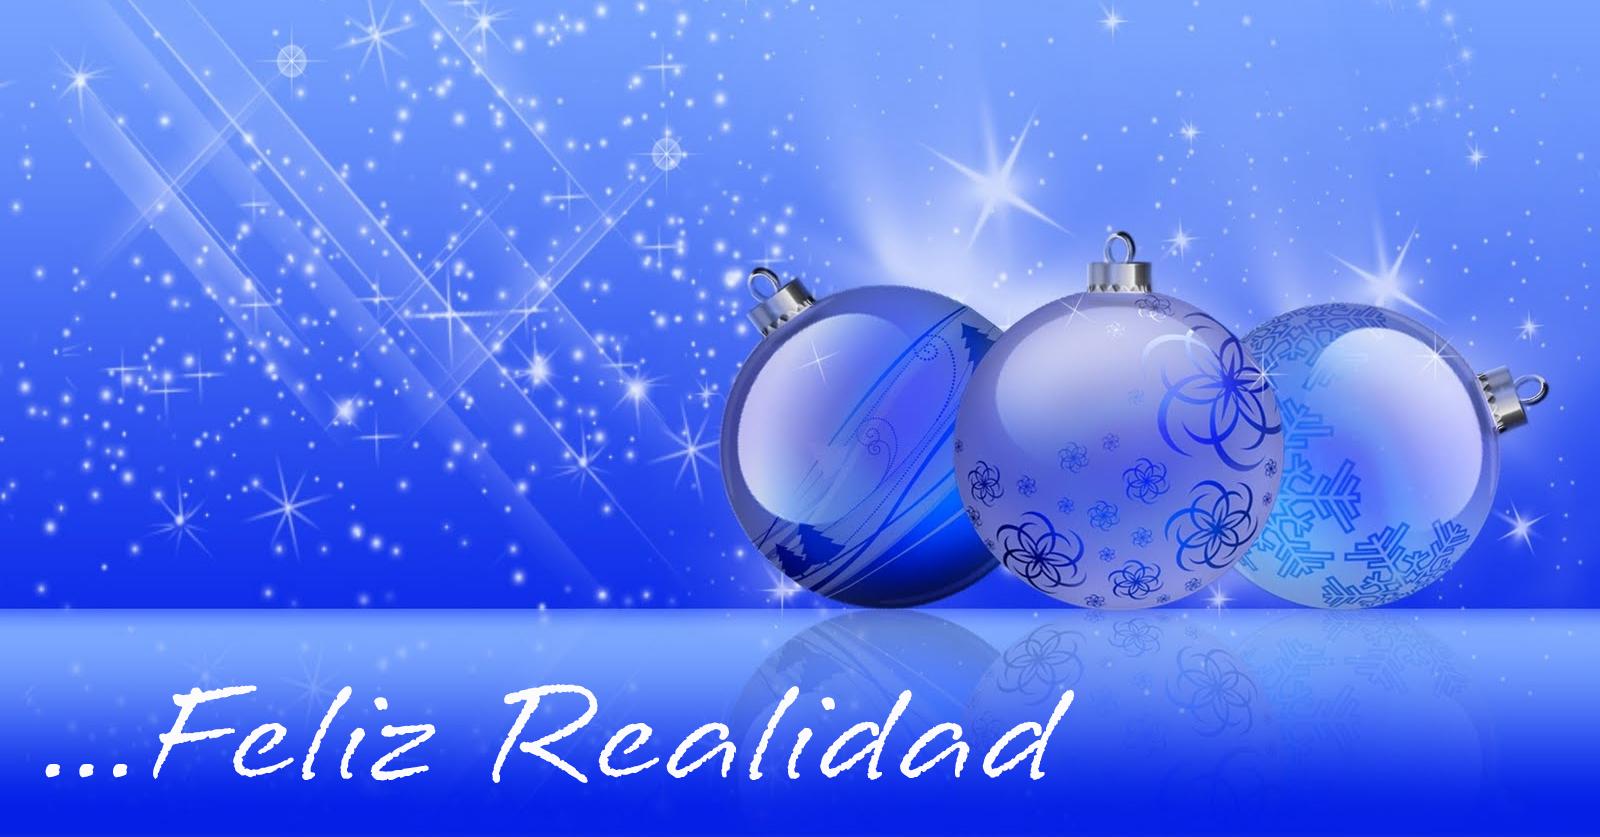 Estas navidades queremos felicitarte con algo más que deseos…